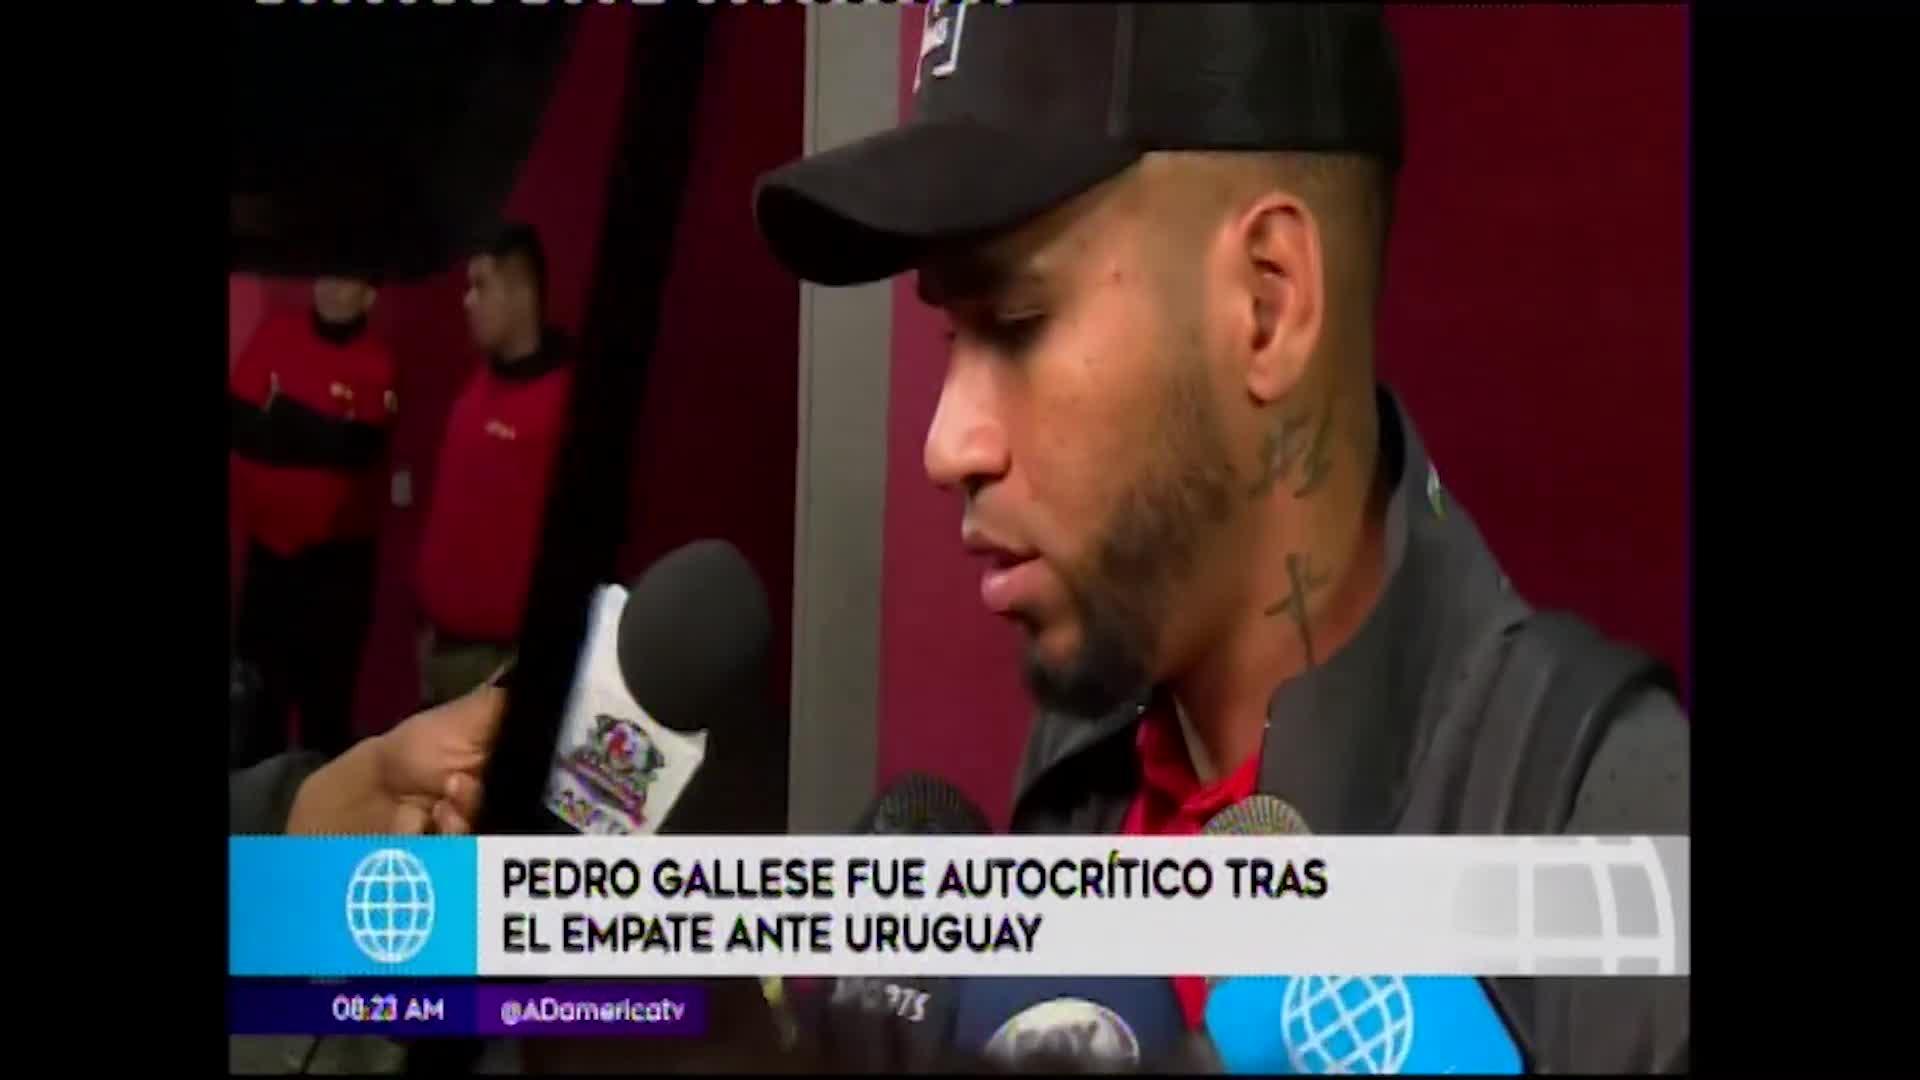 Pedro Gallese realiza autocrítica y apunta a mejorar